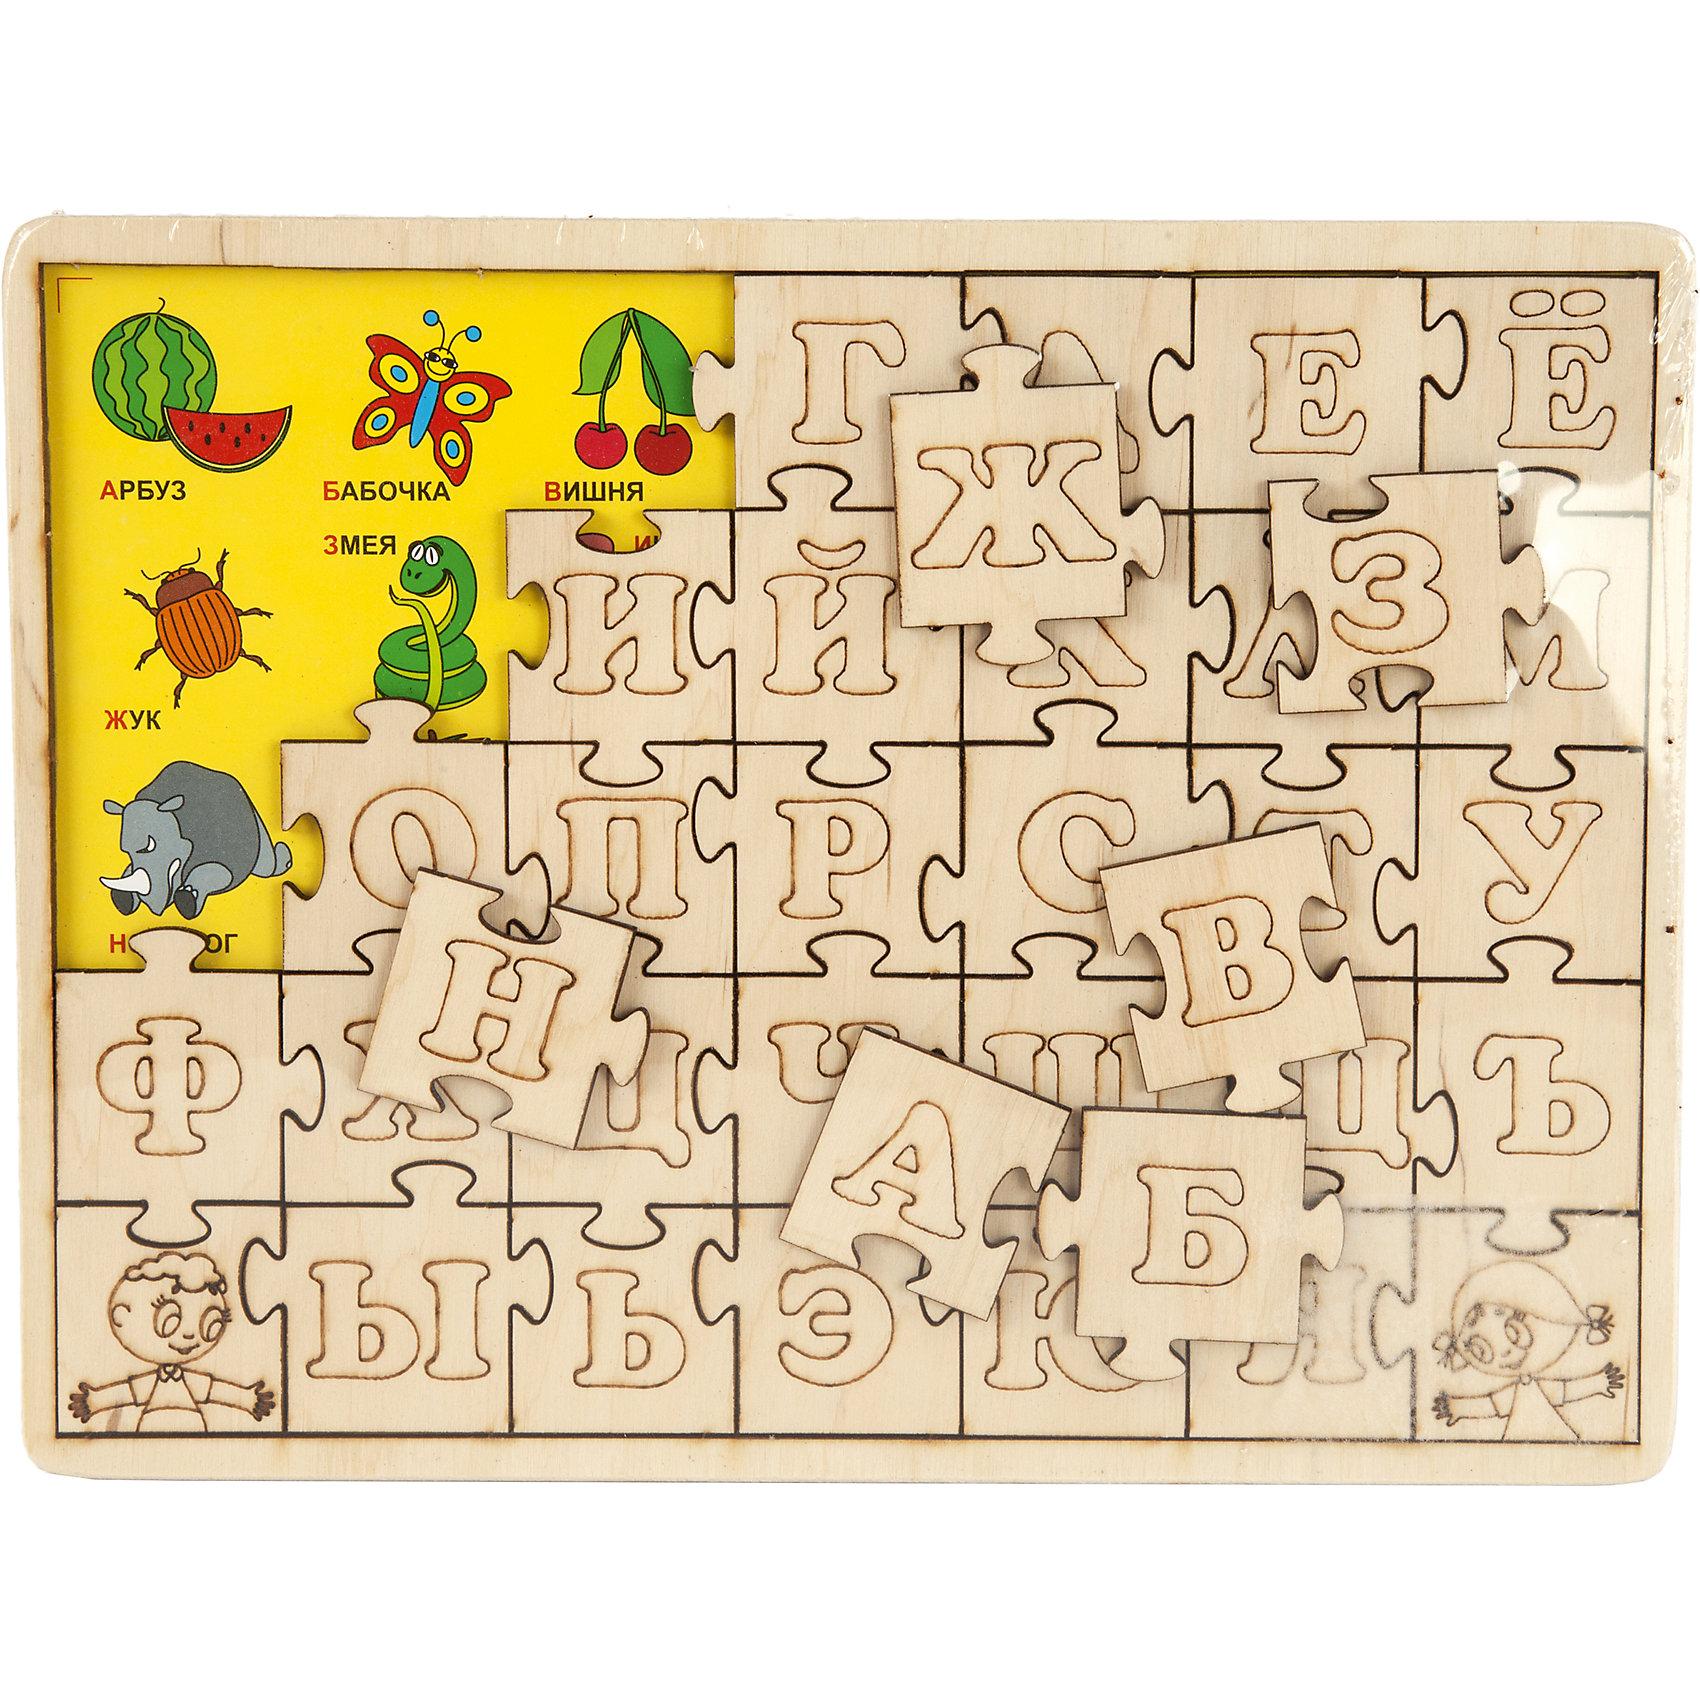 Пазл развивающий Изучаем алфавит, 62 детали, Мастер ВудПазлы для малышей<br>Пазл развивающий Изучаем алфавит, 62 детали, от популярного бренда развивающих детских товаров Мастер Вуд развлечет вашу кроху! Новый, увлекательный формат изучения алфавита понравится малышу. На дне деревянной подставочки расположены картинки подходящие в кой или иной букве, поверх картинок размещаются соответствующие кусочки пазла с буквами. Пазл изготовлен из безопасного для детей материала: дерева, при желании, буквы можно раскрасить. Играя с таким пазлом. Малыш выучит алфавит, разовьет мелкую моторику ручек, разовьет логические навыки.<br><br>Дополнительная информация:<br><br>- В комплект входит: 1 подставка, 62 детали<br>- Материал: дерево, текстиль<br>- Размер: 25 * 1 * 19 см<br>- Размер деталей: 4,5 * 4 см.<br>- Вес: 0,22 кг.<br><br>Пазл развивающий Изучаем алфавит, 62 детали, Мастер Вуд можно купить в нашем интернет-магазине.<br><br>Подробнее:<br>• Для детей в возрасте: от 3 до 6 лет<br>• Номер товара: 4925579<br>Страна производитель: Беларусь<br><br>Ширина мм: 250<br>Глубина мм: 10<br>Высота мм: 190<br>Вес г: 29<br>Возраст от месяцев: 36<br>Возраст до месяцев: 84<br>Пол: Унисекс<br>Возраст: Детский<br>SKU: 4925579